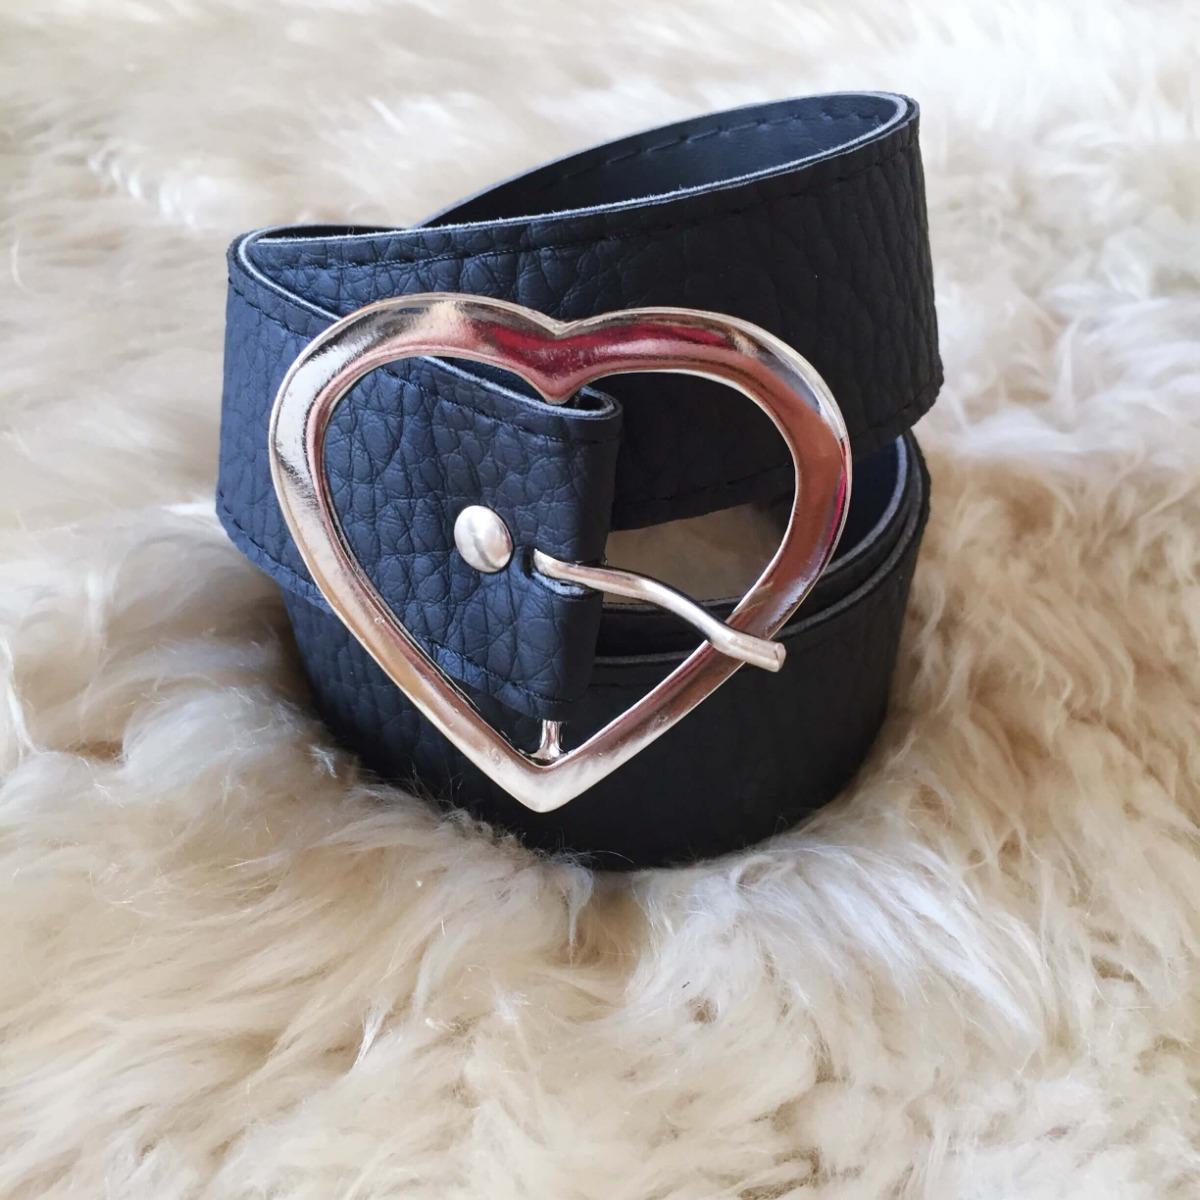 274b63447d513 cinturon mujer gucci gg doble hebilla circulo corazon negro. Cargando zoom.